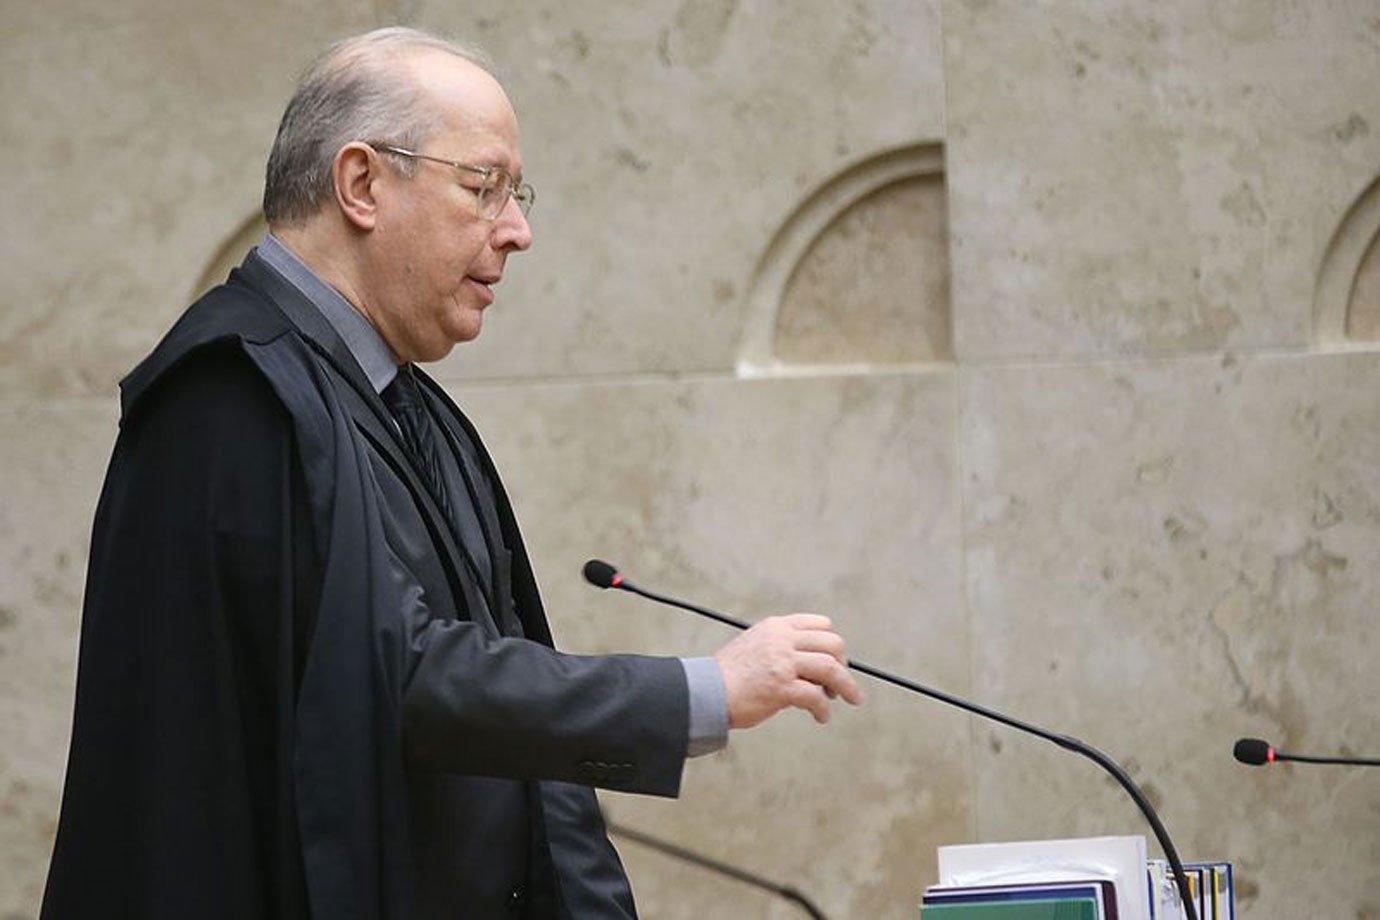 Brasília - O Supremo Tribunal Federal (STF), inicia sessão na qual será julgada a restrição ao foro privilegiado para parlamentares e ministros, em 23/11/2017 (Antônio Cruz/Agência Brasil)